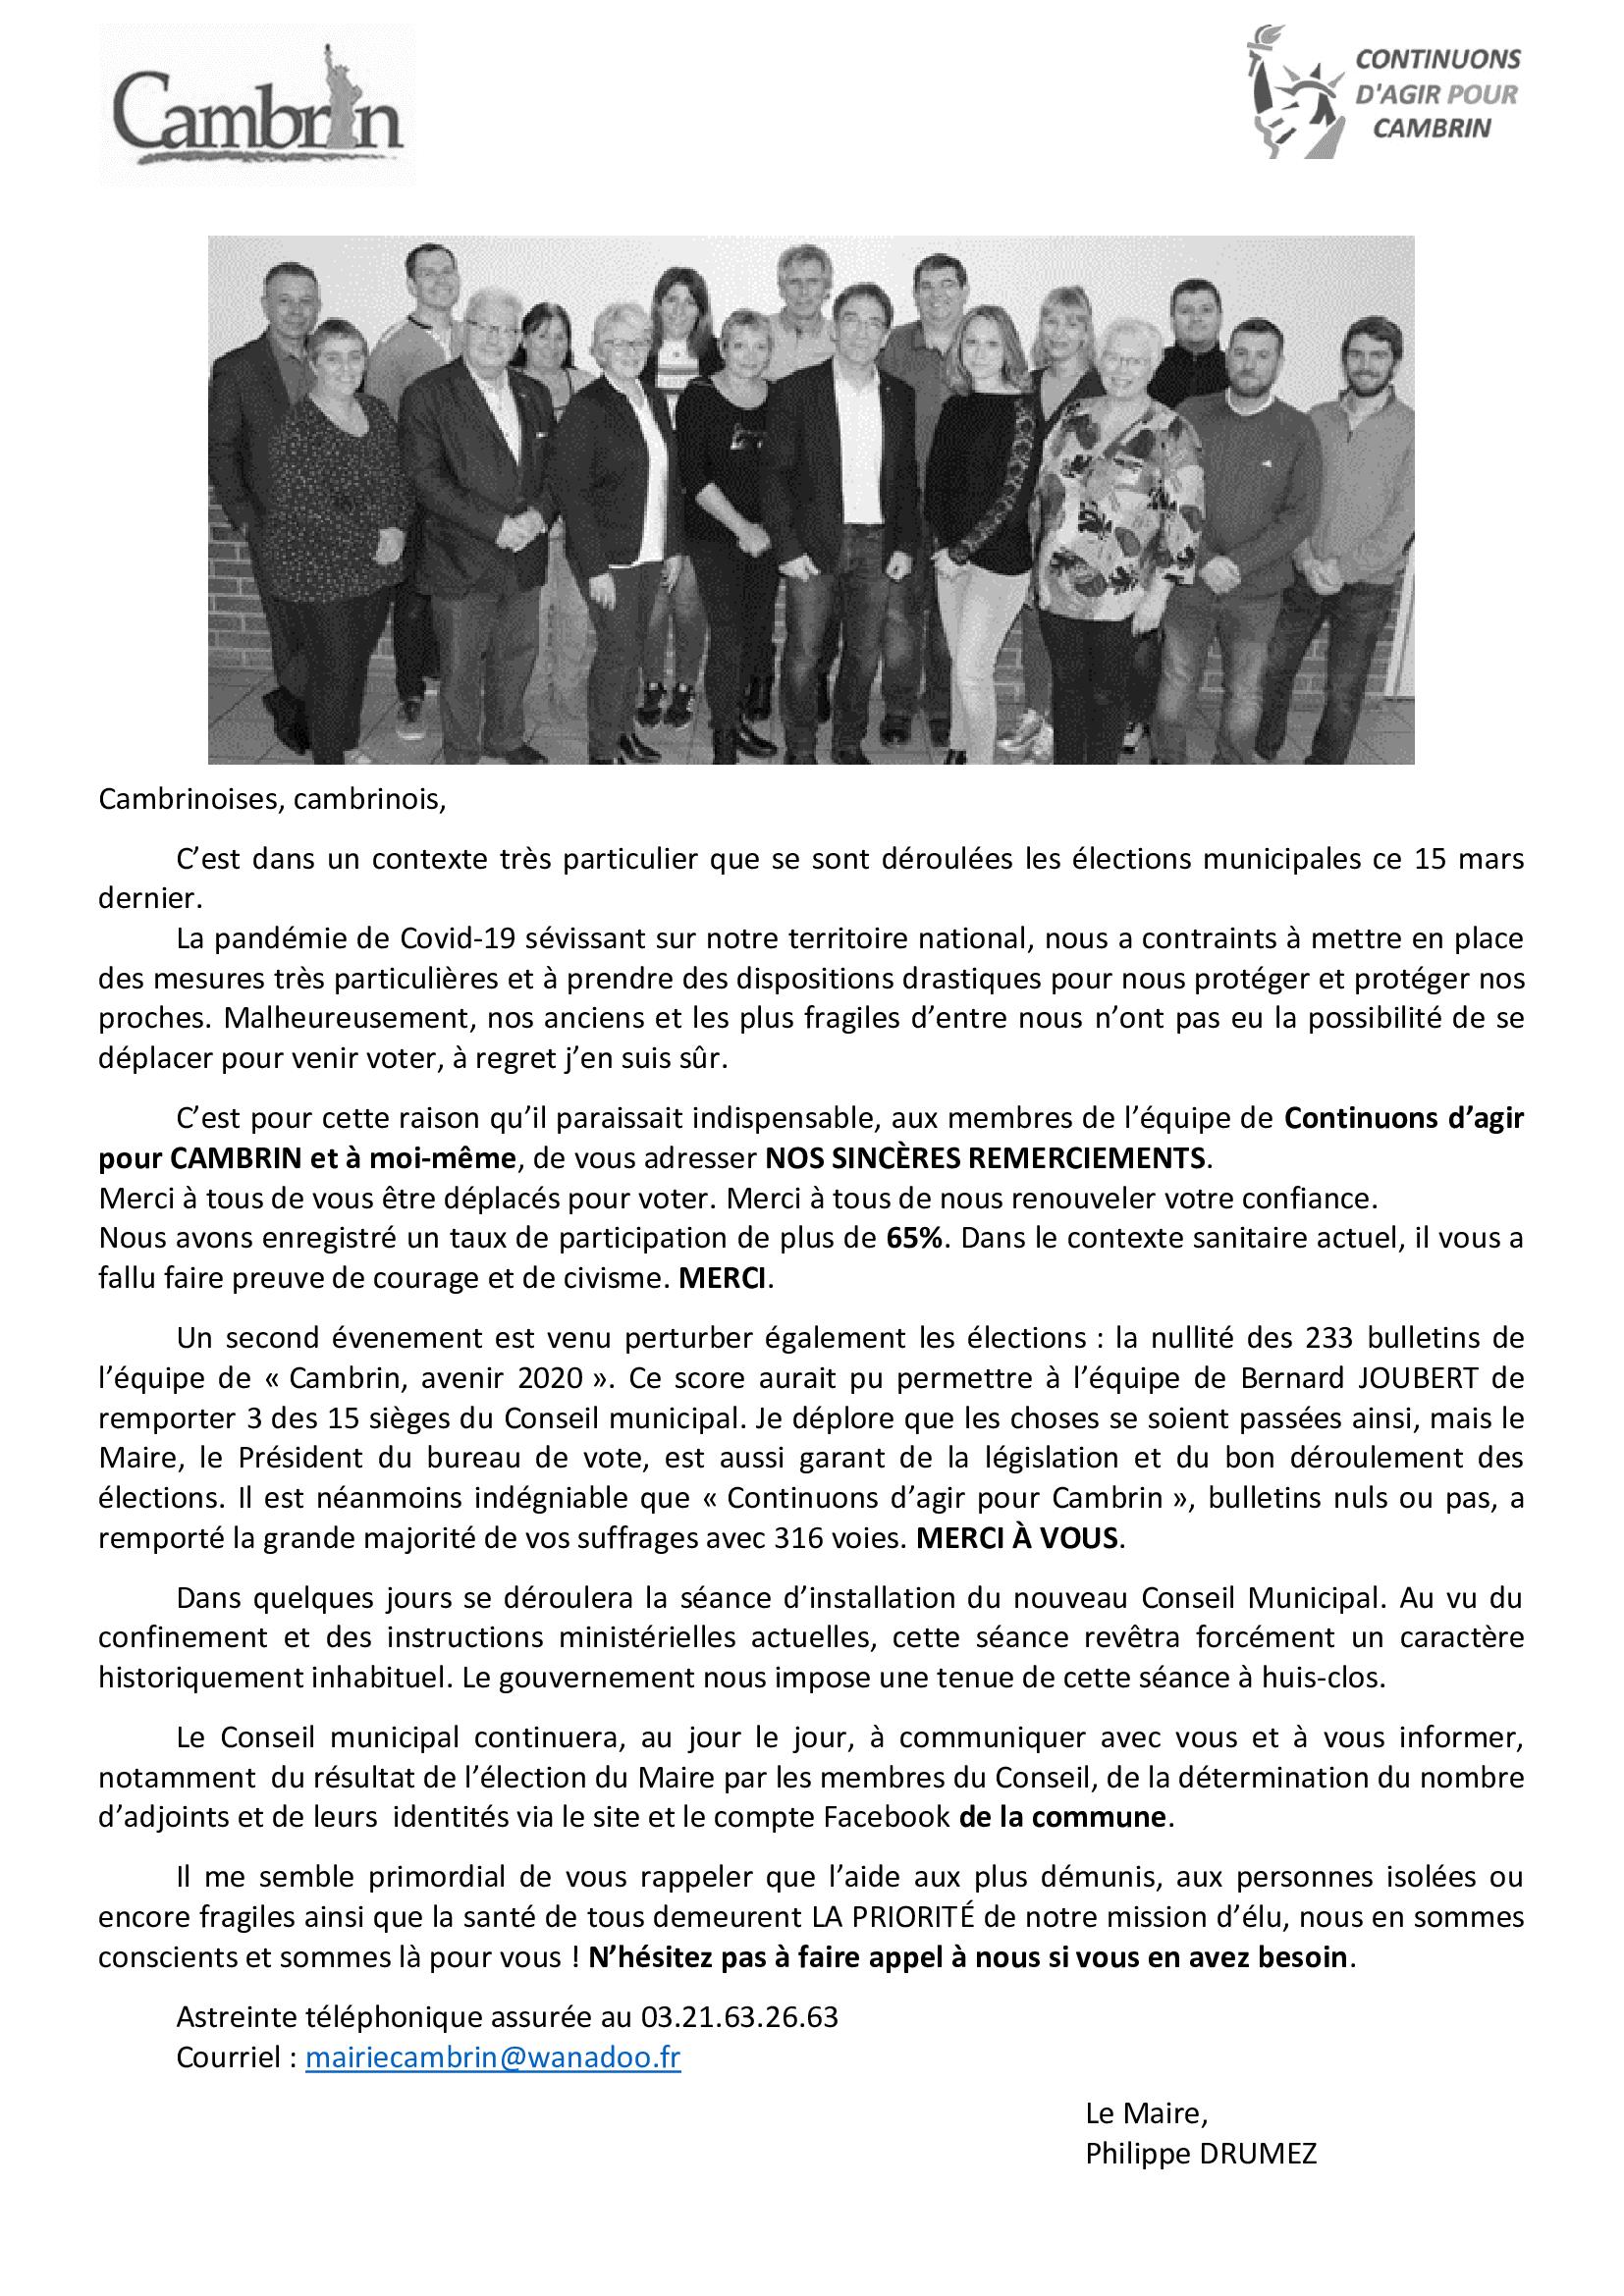 Elections Municipales Lettre De Remerciement De L Equipe Continuons D Agir Pour Cambrin